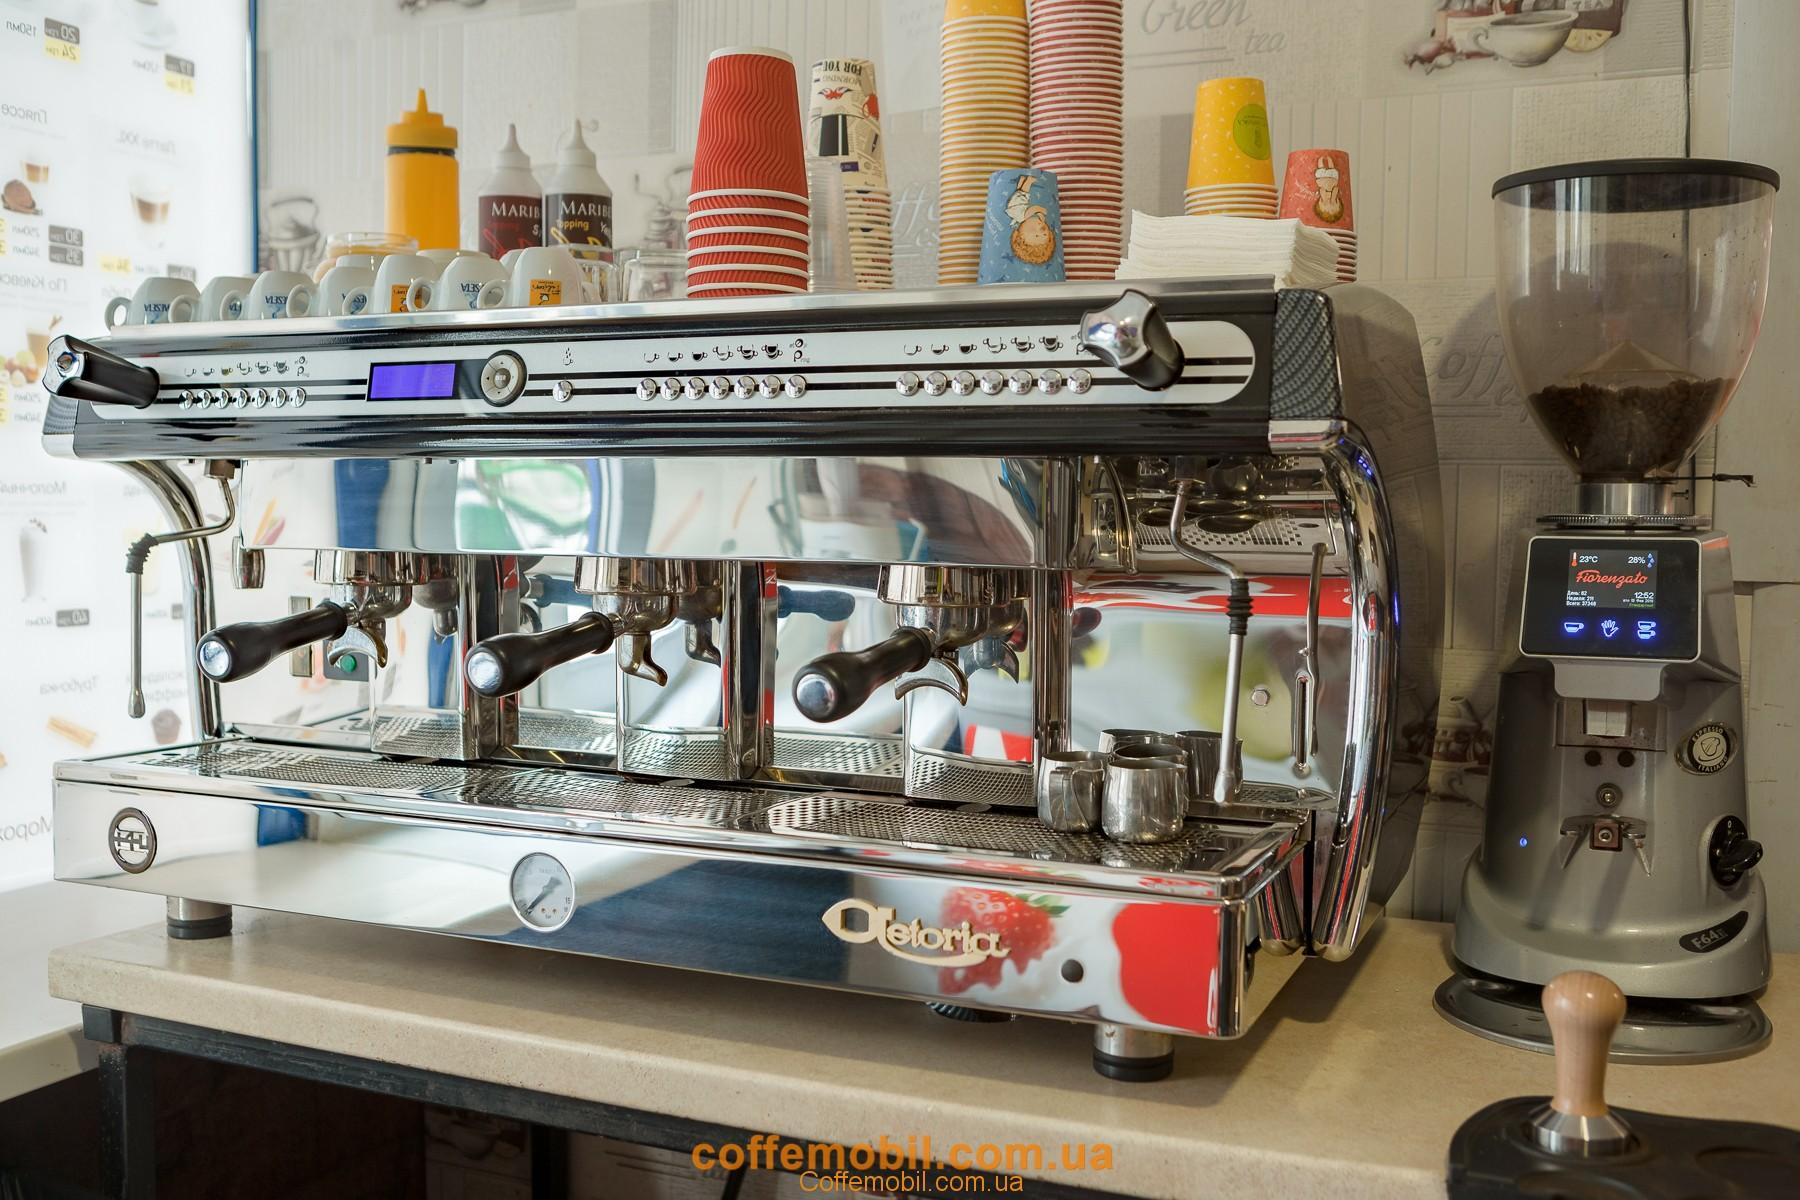 професійна кавоварка astoria +4u